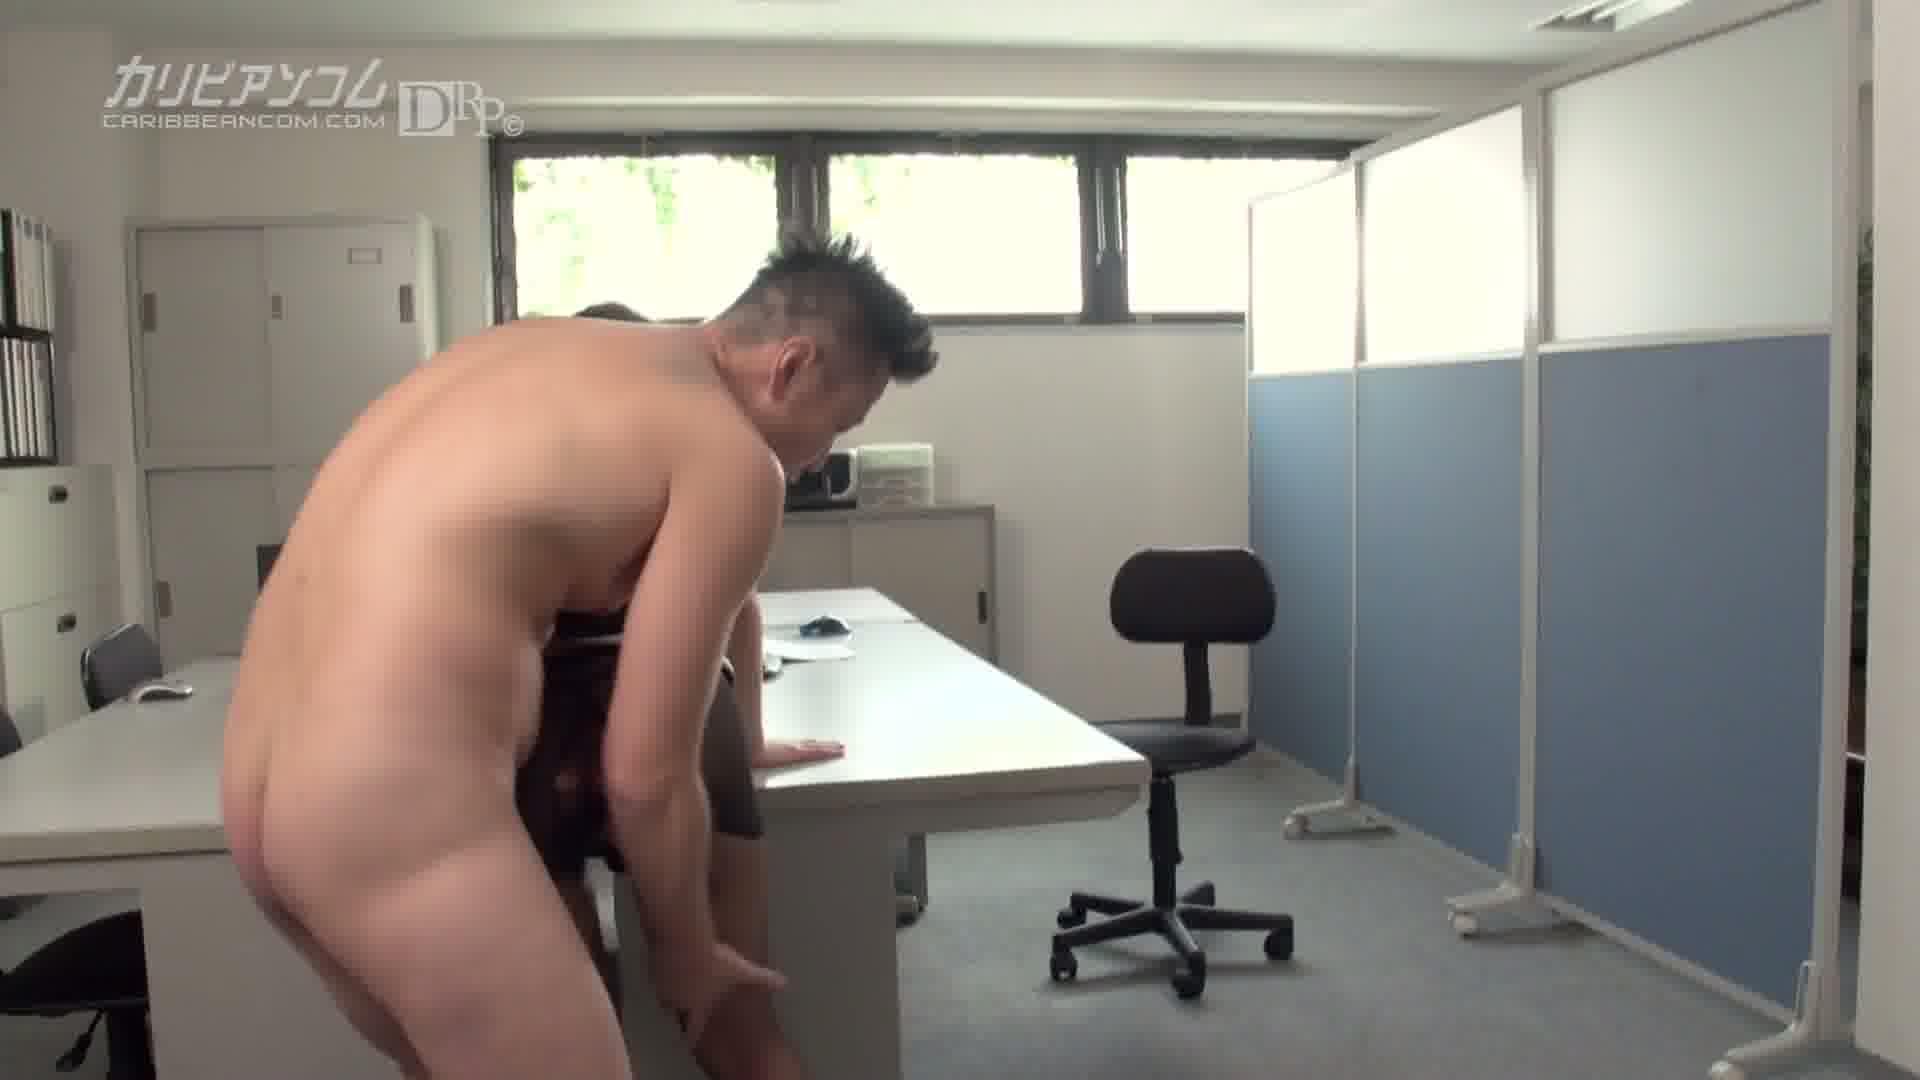 淫乱OLの下半身事情 - 丘咲エミリ【ギャル・スレンダー・OL】